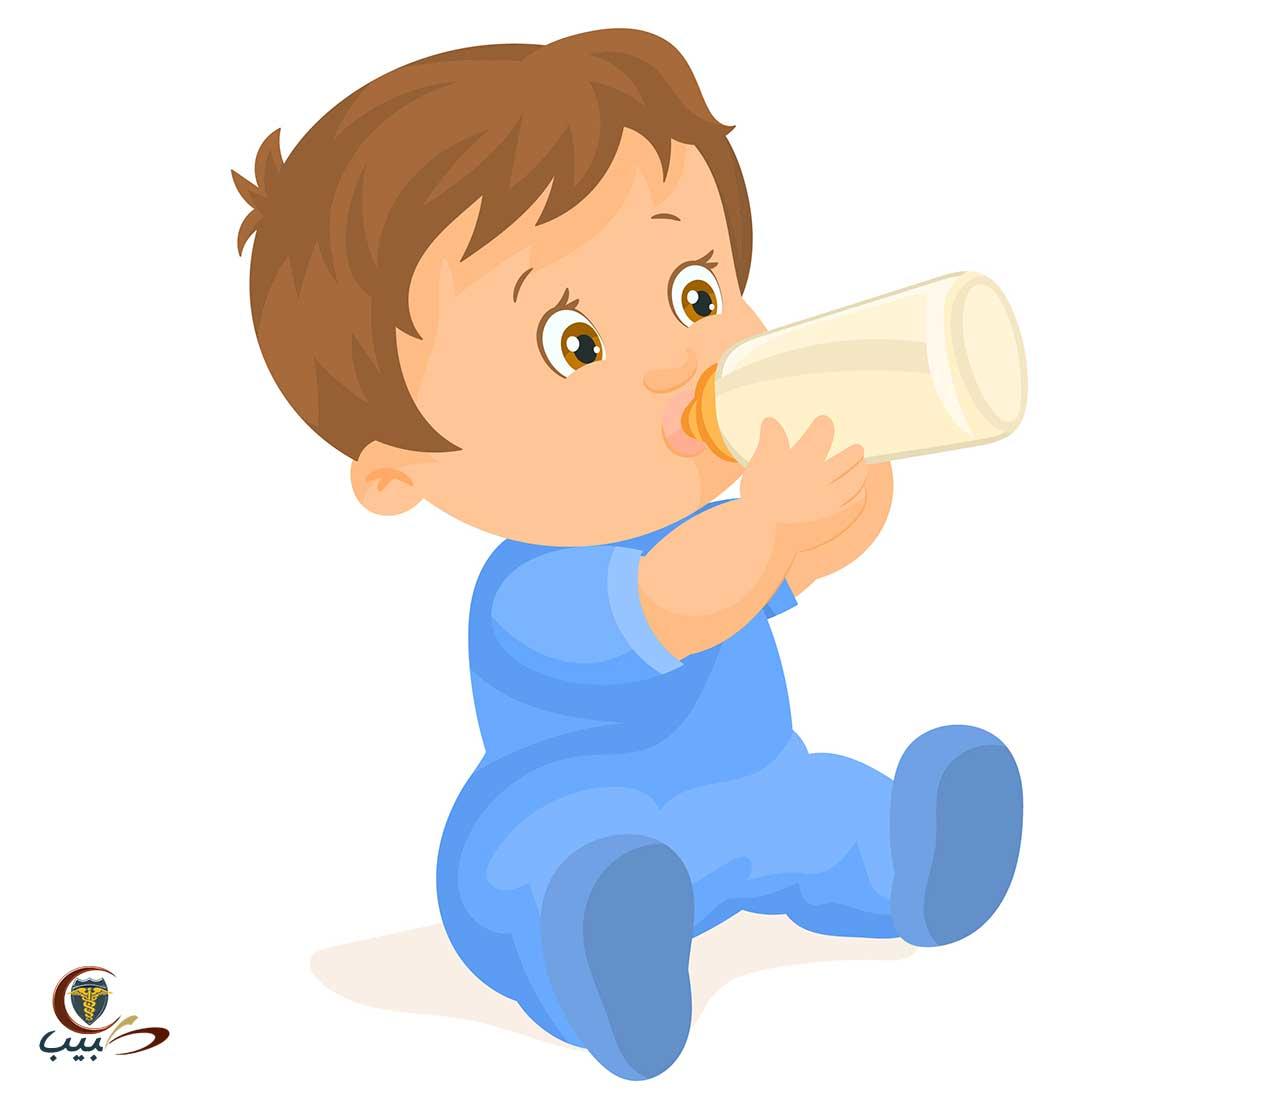 تغيرات وتحديات في الرضاعة وتغذية الطفل في العام الأول